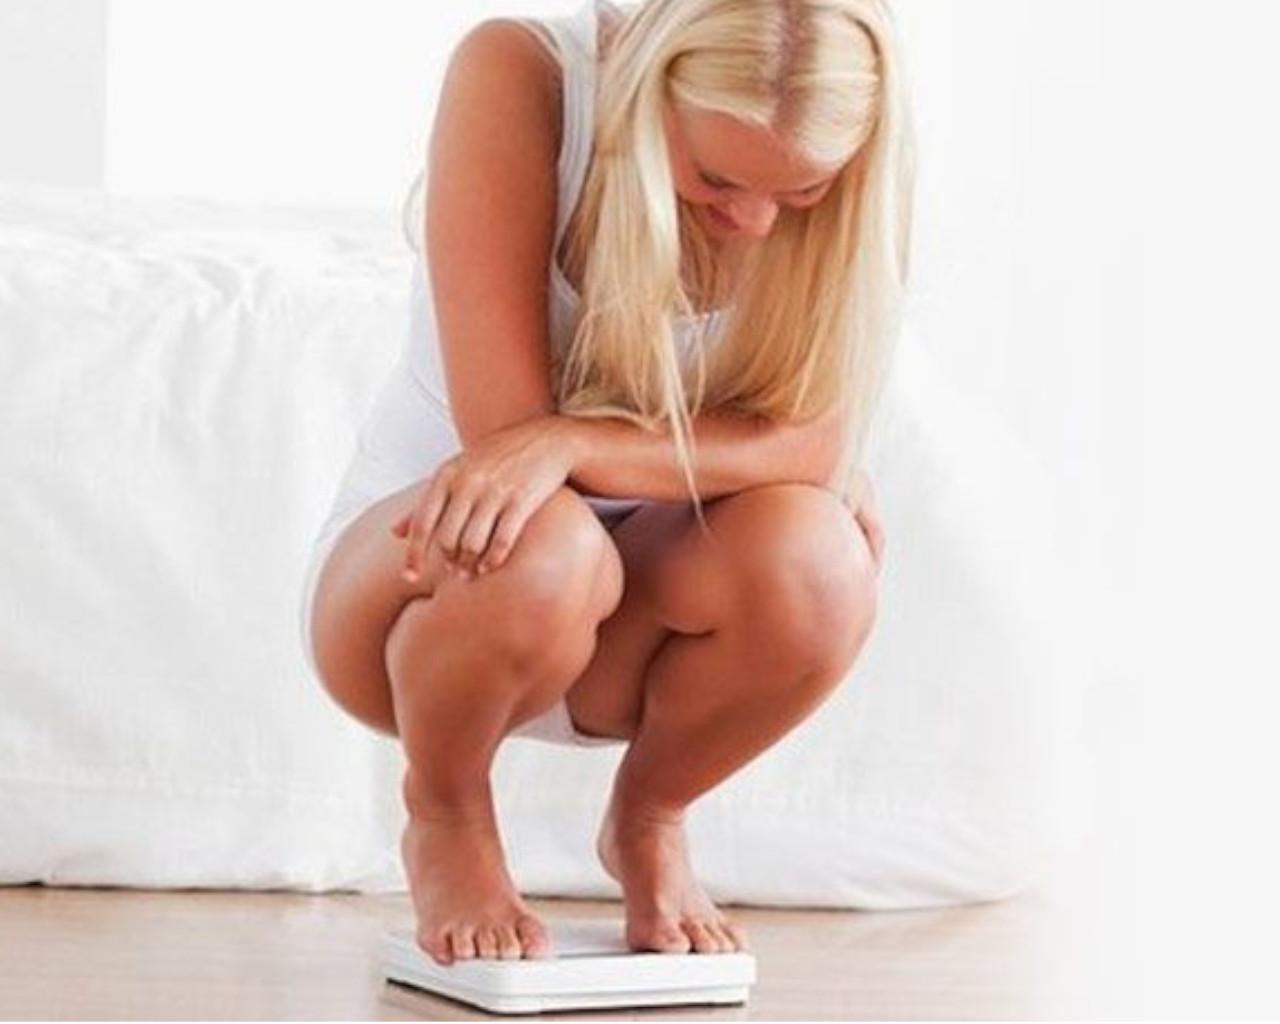 απωλεια βαρους,απωλεια βαρους γρηγορα,απωλεια βαρους με θυροξινη,απωλεια βαρους σε ενα μηνα,απωλεια βαρουσ μετα τα 60,απωλεια βαρους μετα τα 40,απωλεια βαρους απο αγχος,απωλεια βαρους αιτια,απωλεια βαρους αμεσα